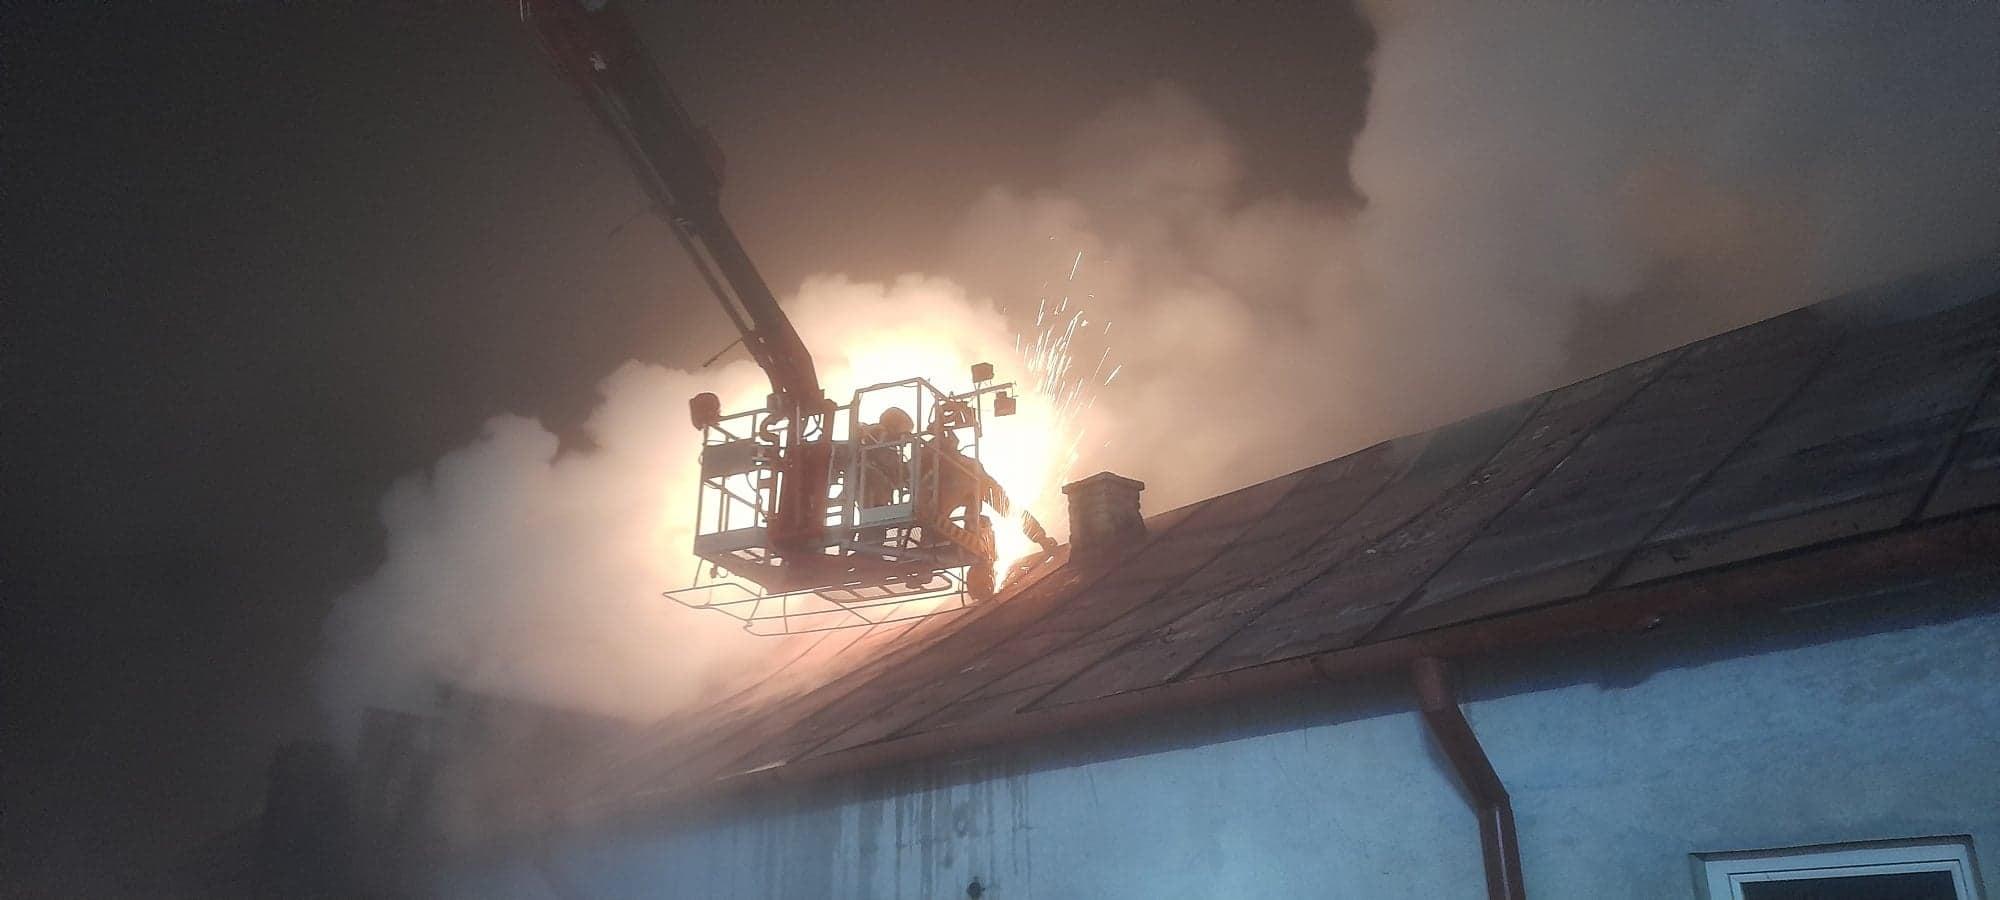 Pożar pod Płockiem. Strażacy gasili ogień przez dziewięć godzin [ZDJĘCIA] - Zdjęcie główne